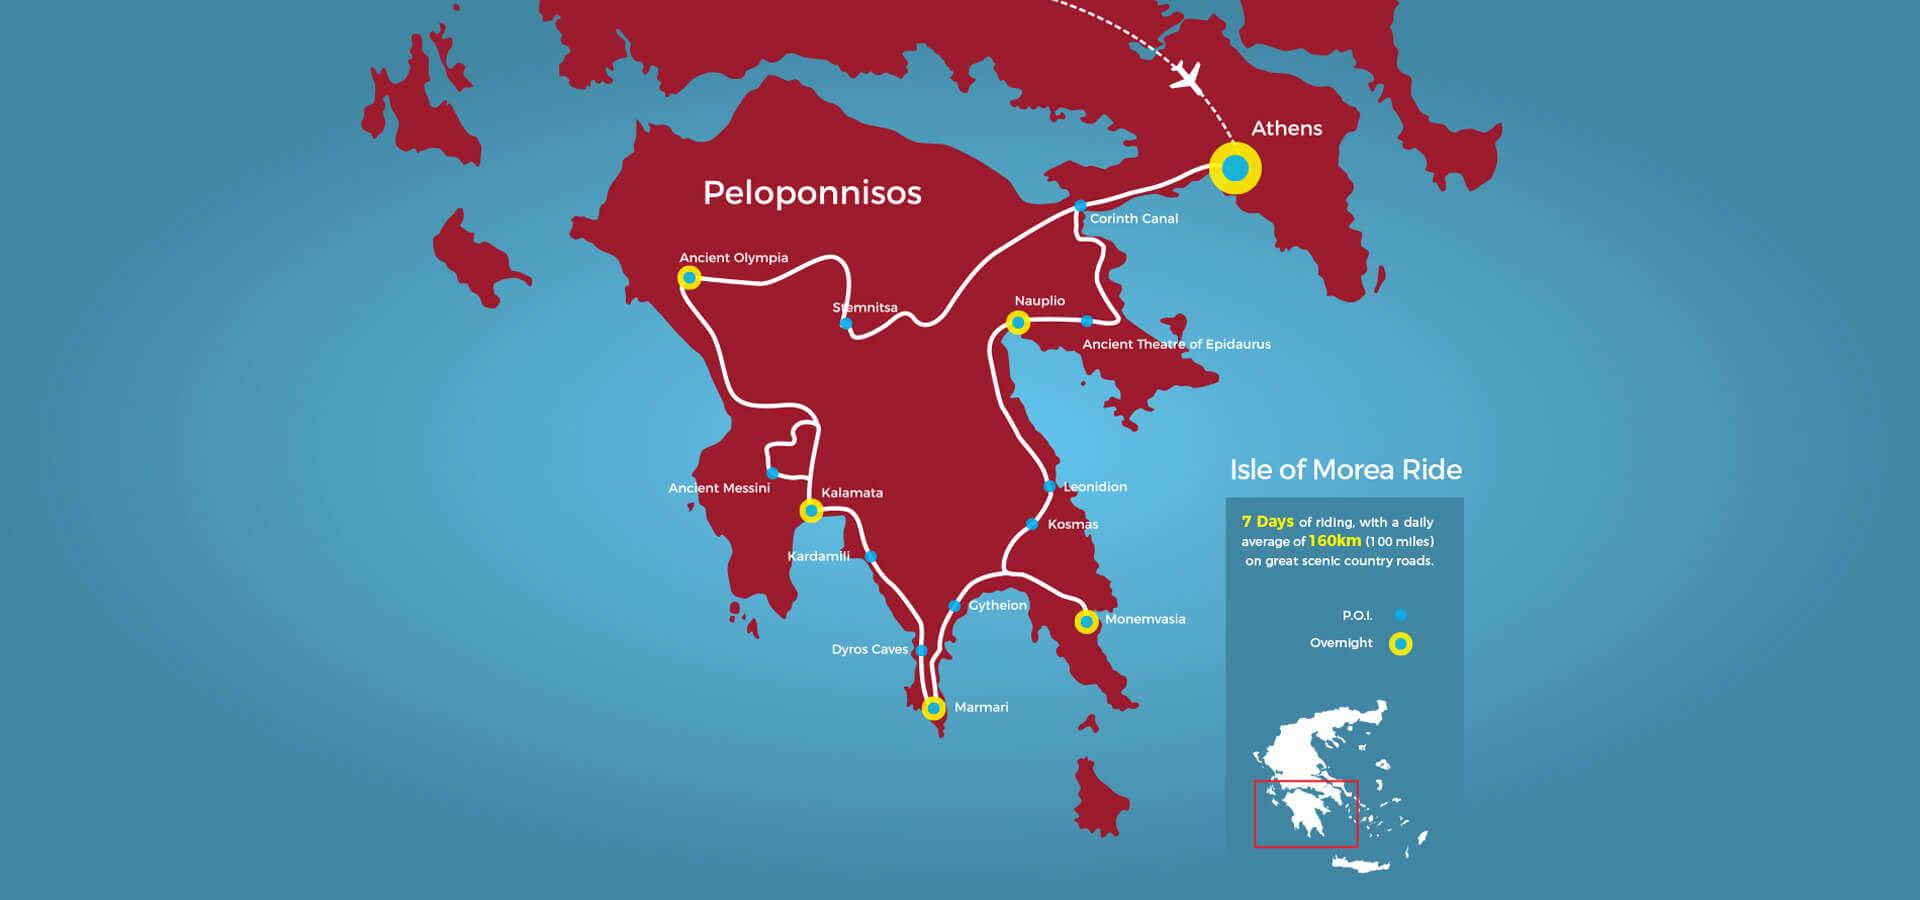 The isle of Morea Tour Map